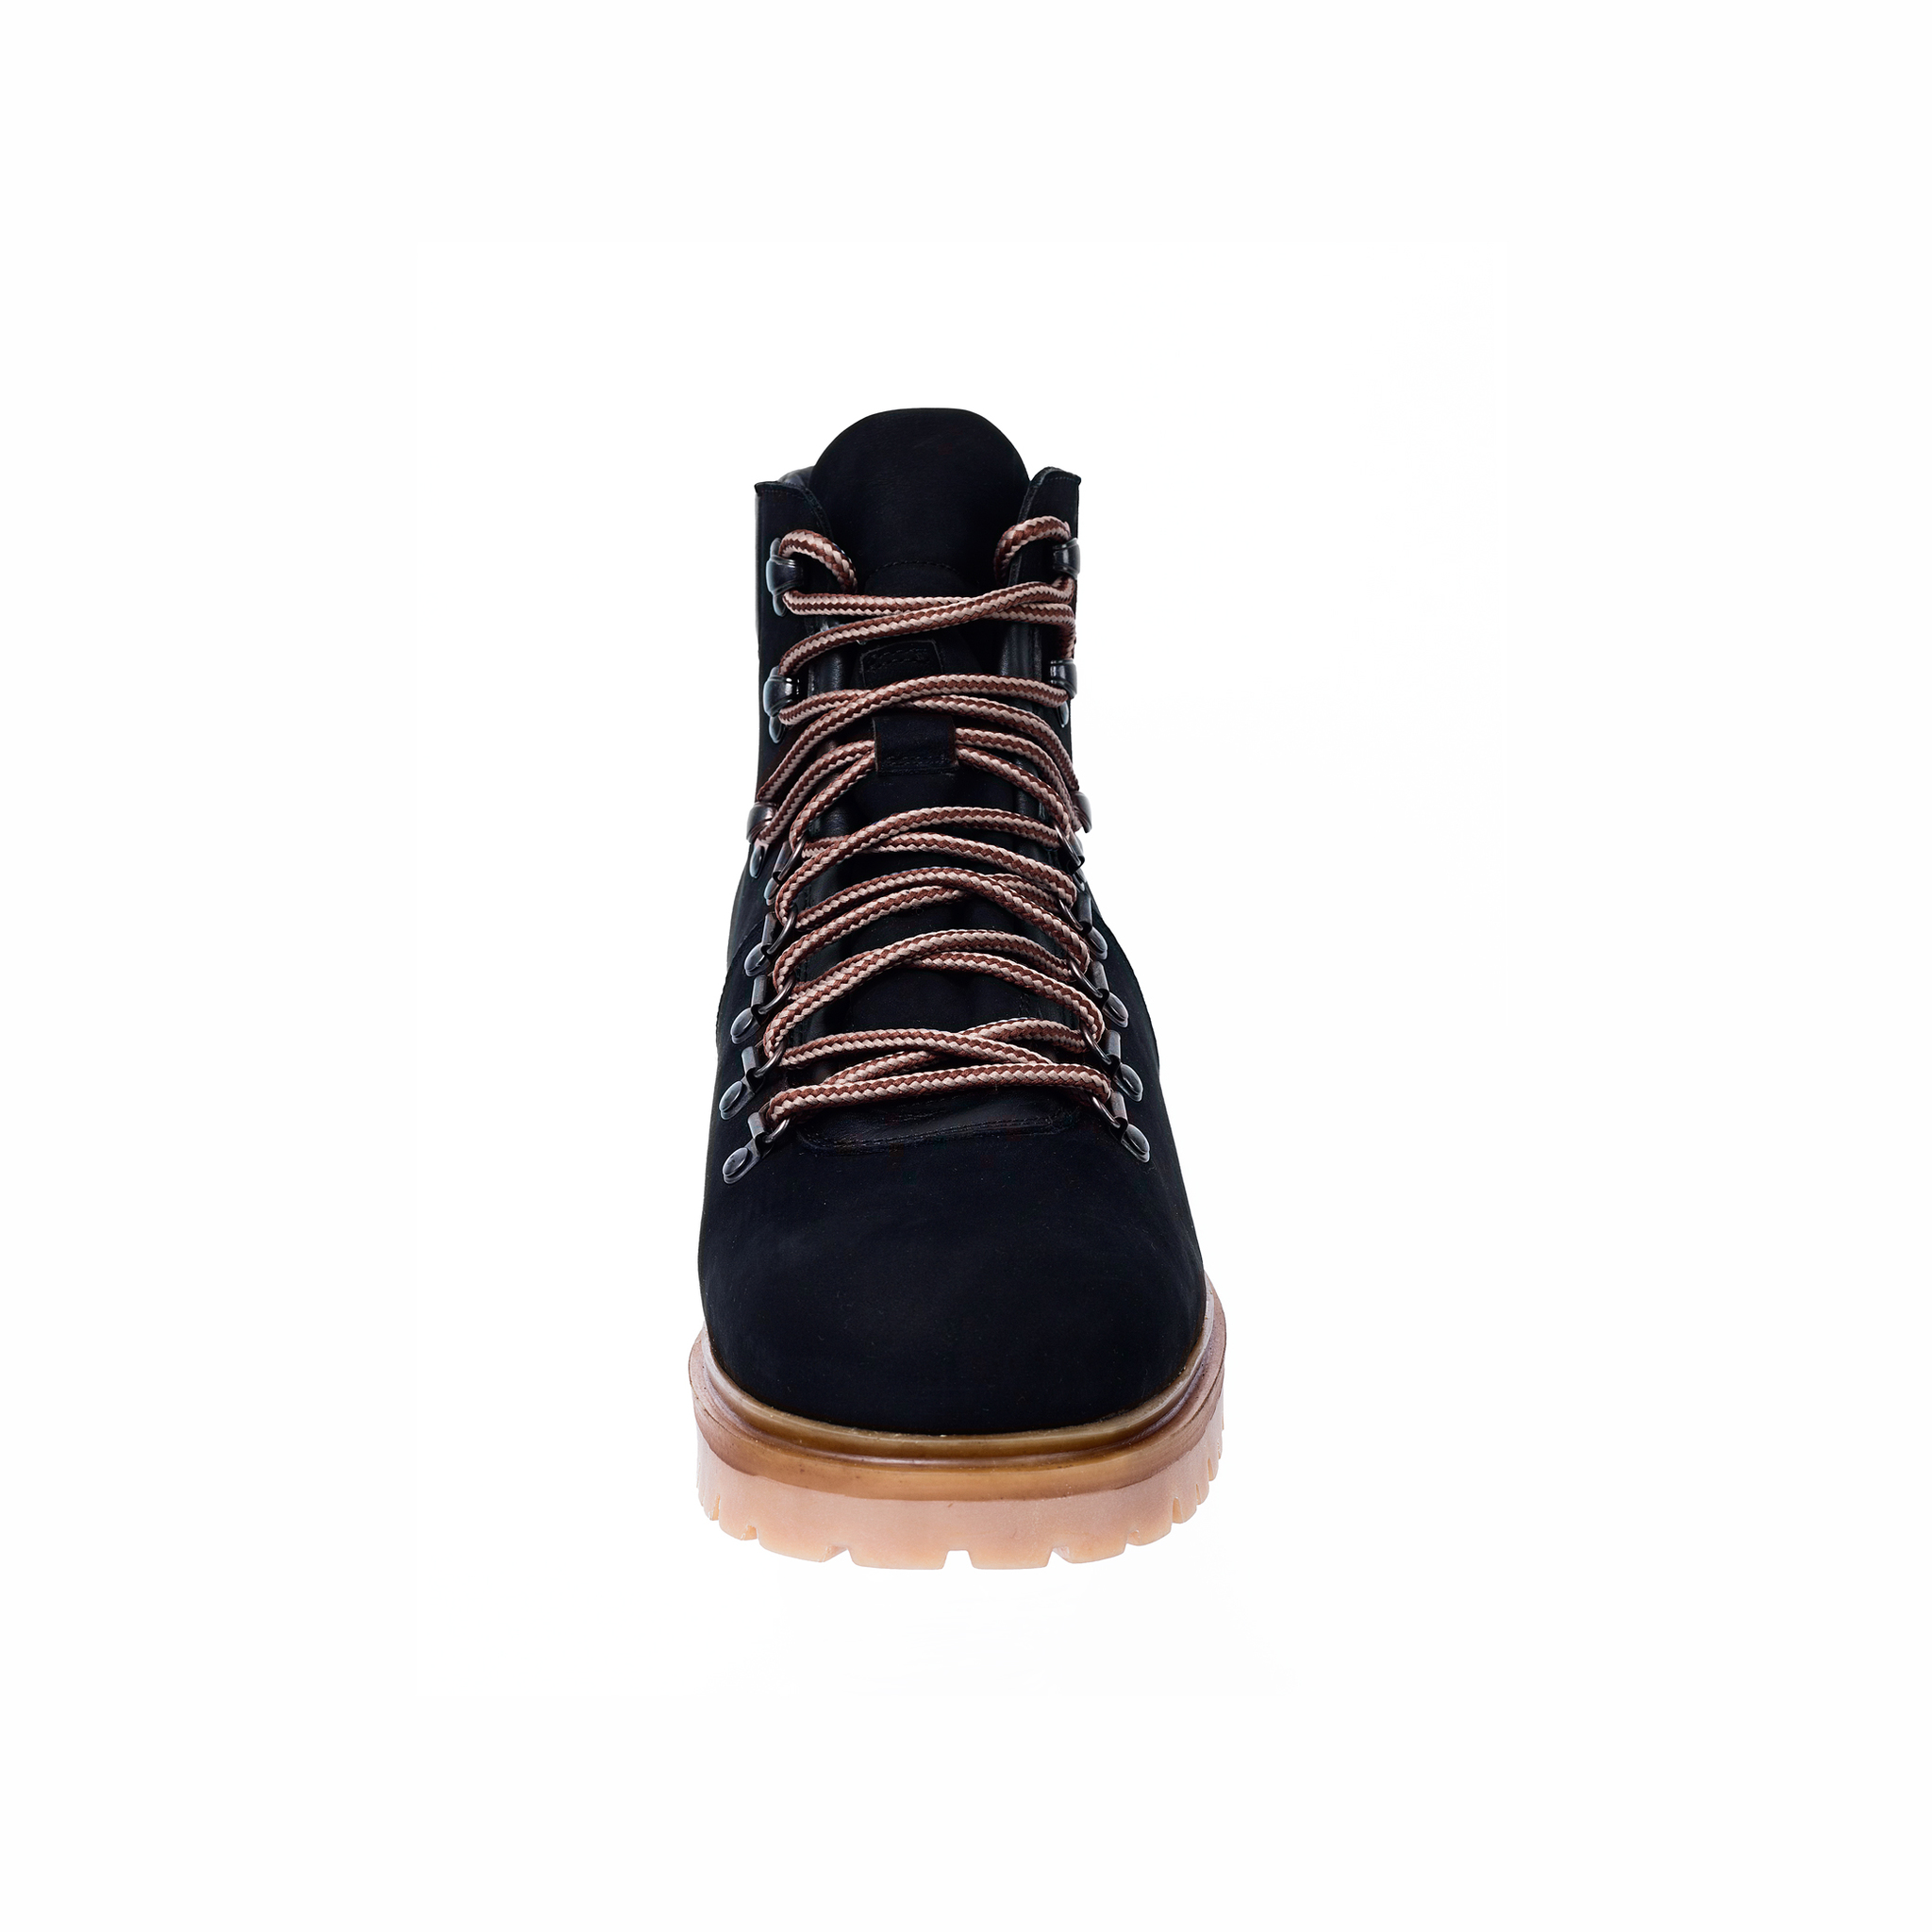 680478 ботинки мужские черные больших размеров марки Делфино